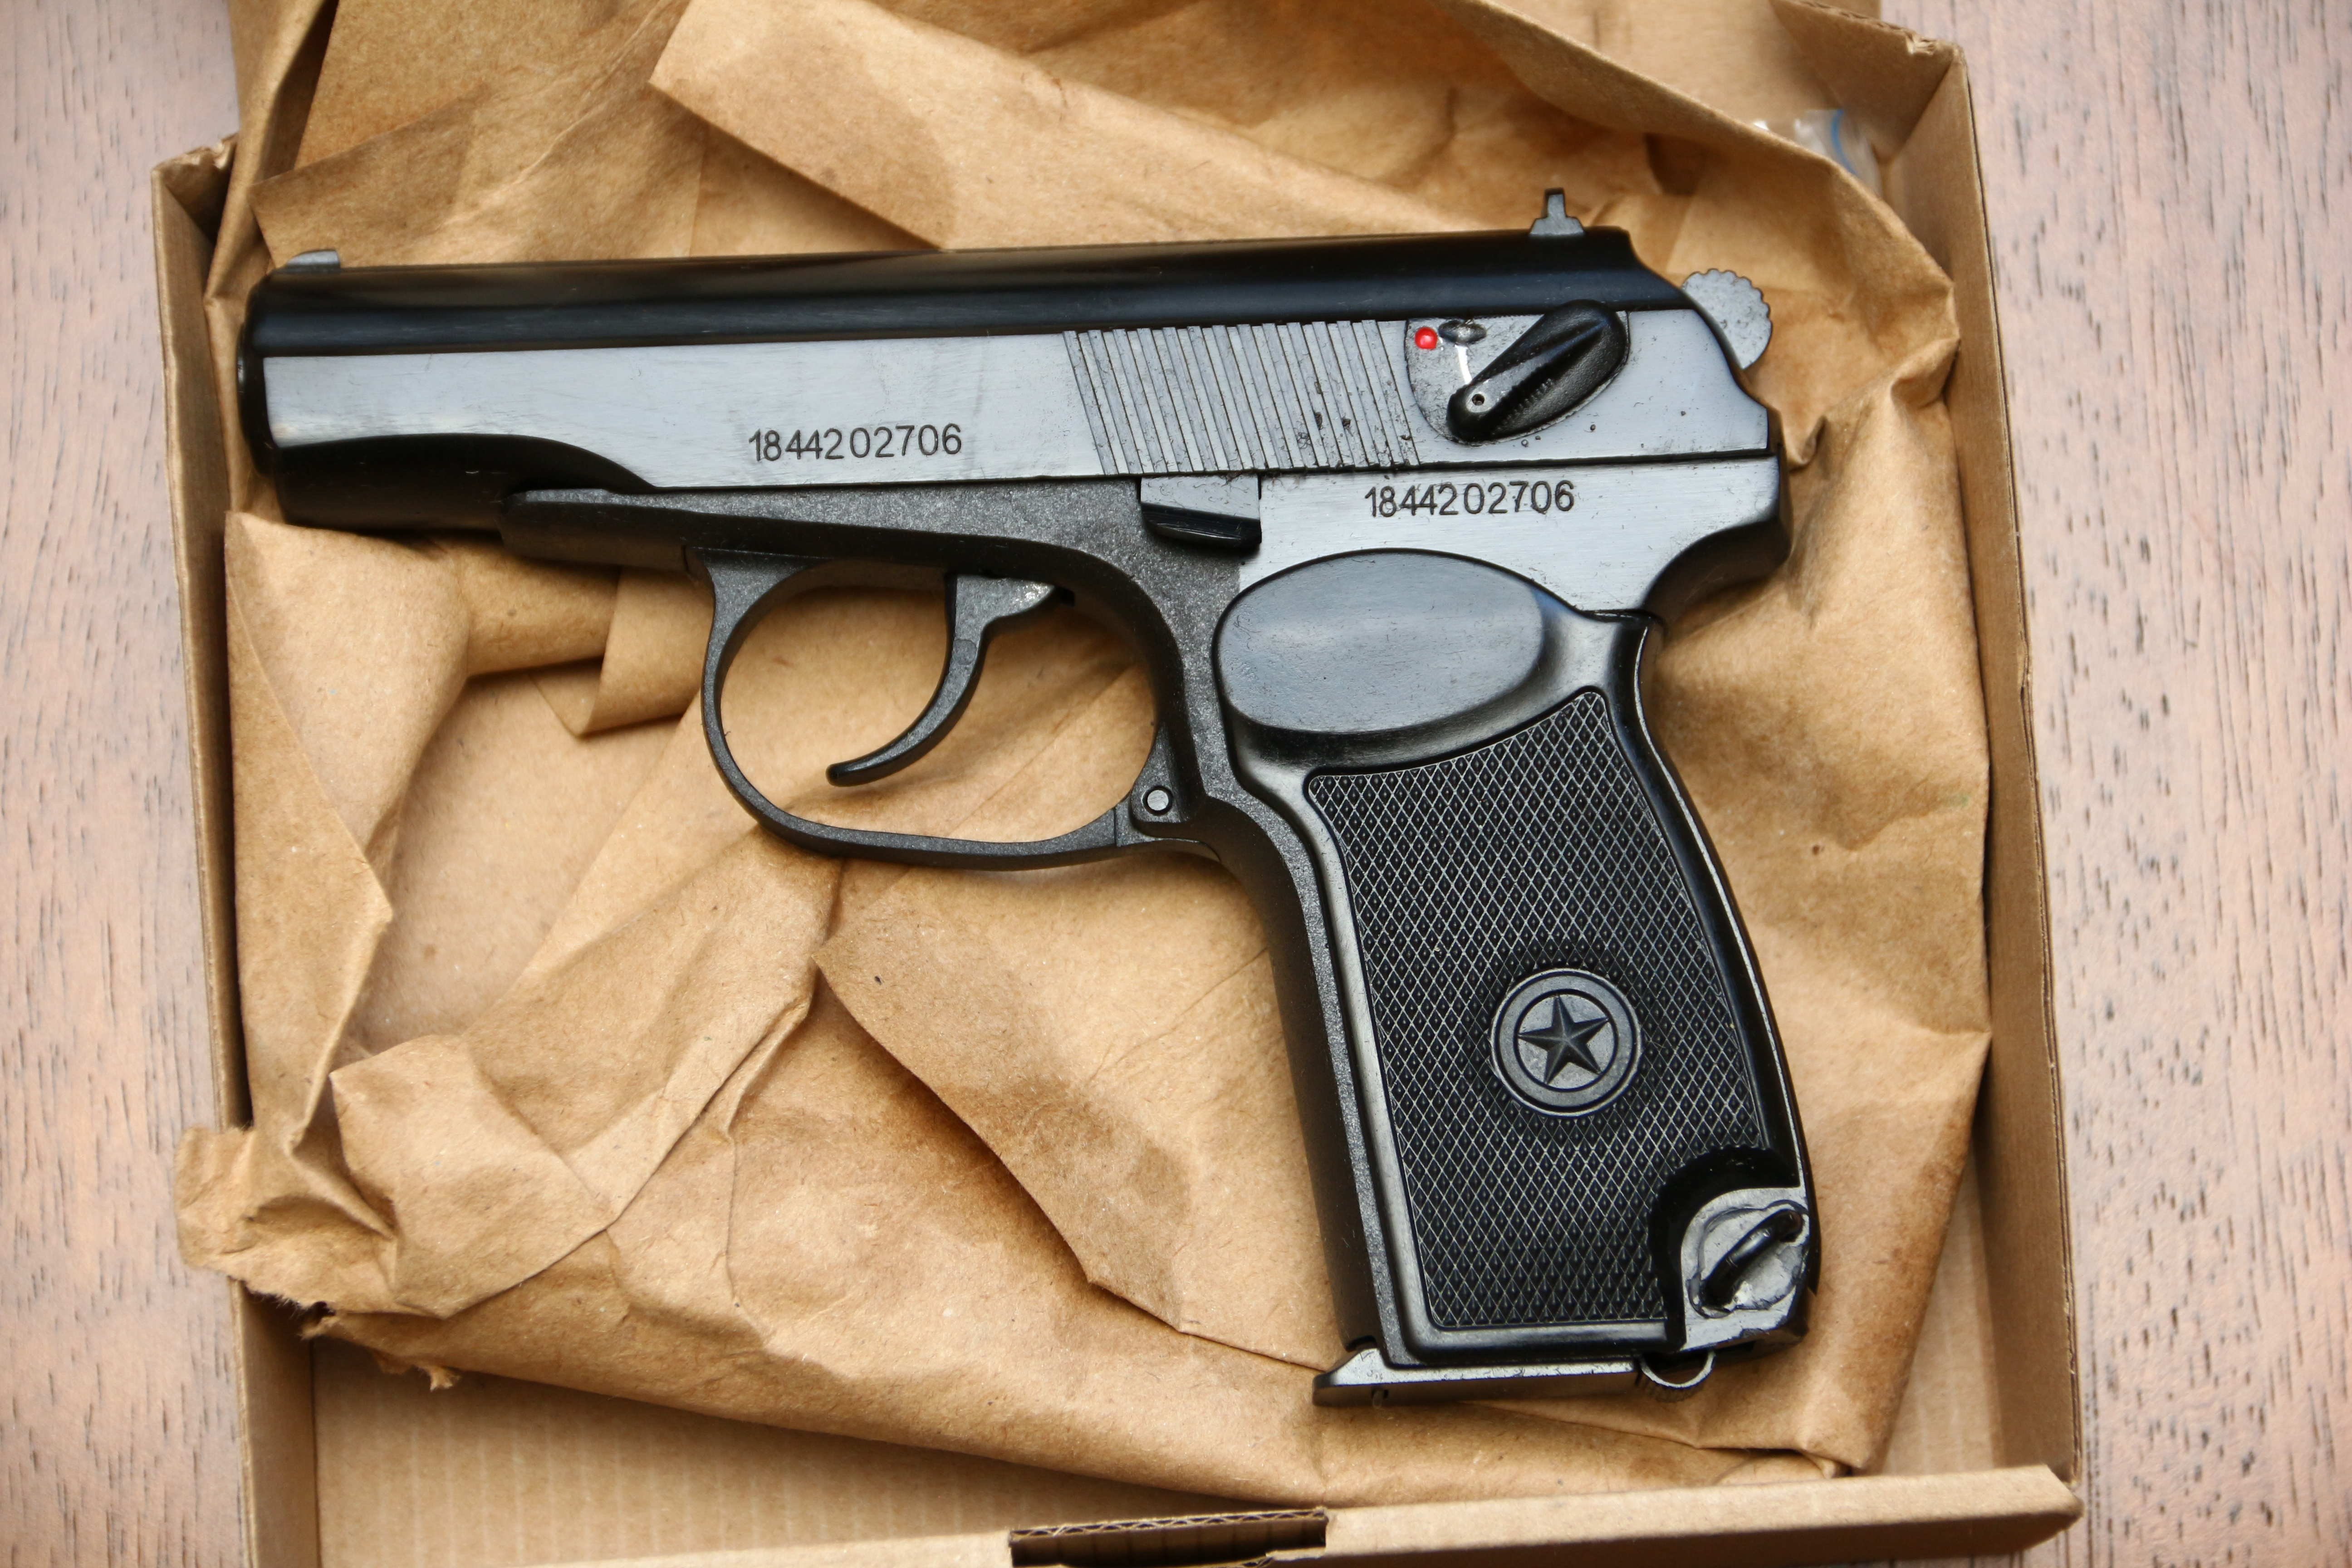 Охолощенный пистолет Макарова Р-411 №1844202706